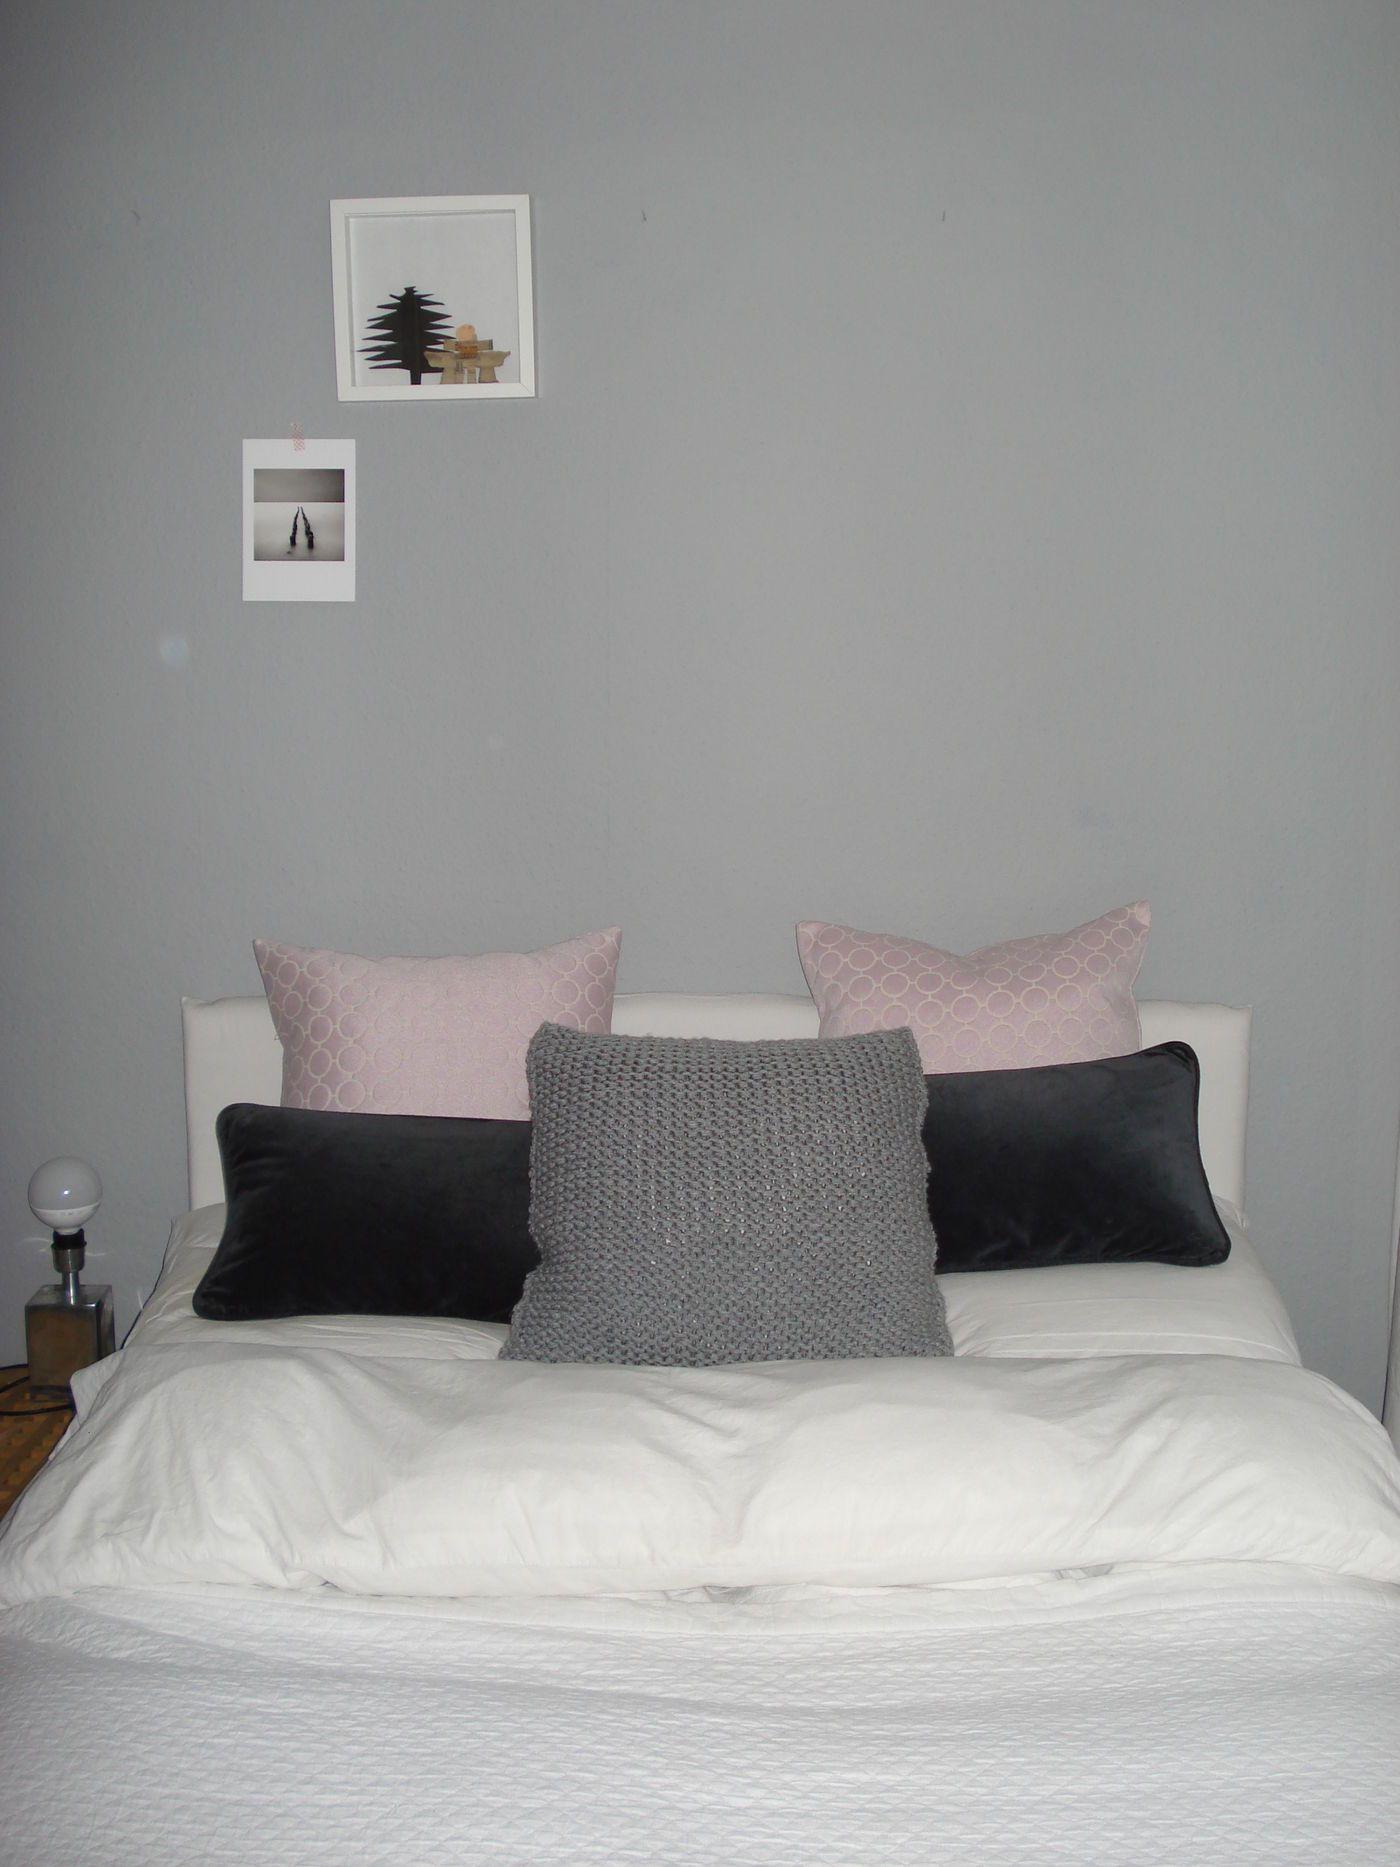 Schlafzimmer Einrichten Grau Galerien Milt S Dekor